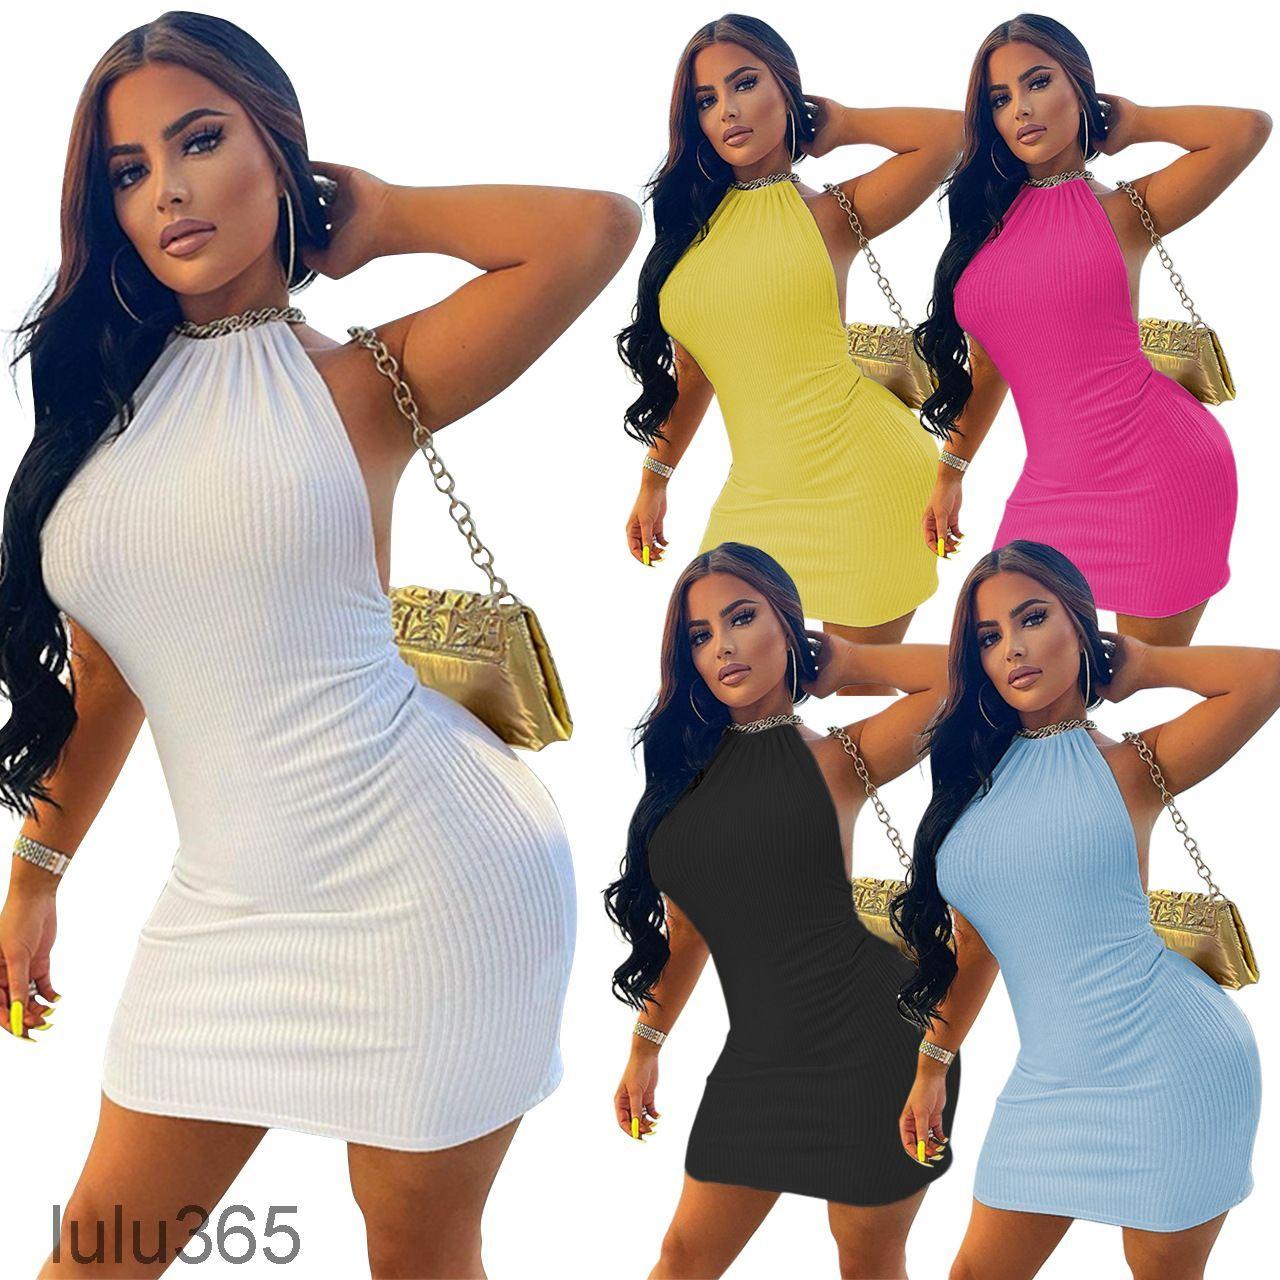 Vestidos de mujer 2021 Primavera y verano Nueva diseñadora de mujer Moda Slim Sexy Halter Lazo Simple Color Sólido Suspender Sin mangas Falda corta Lulu365